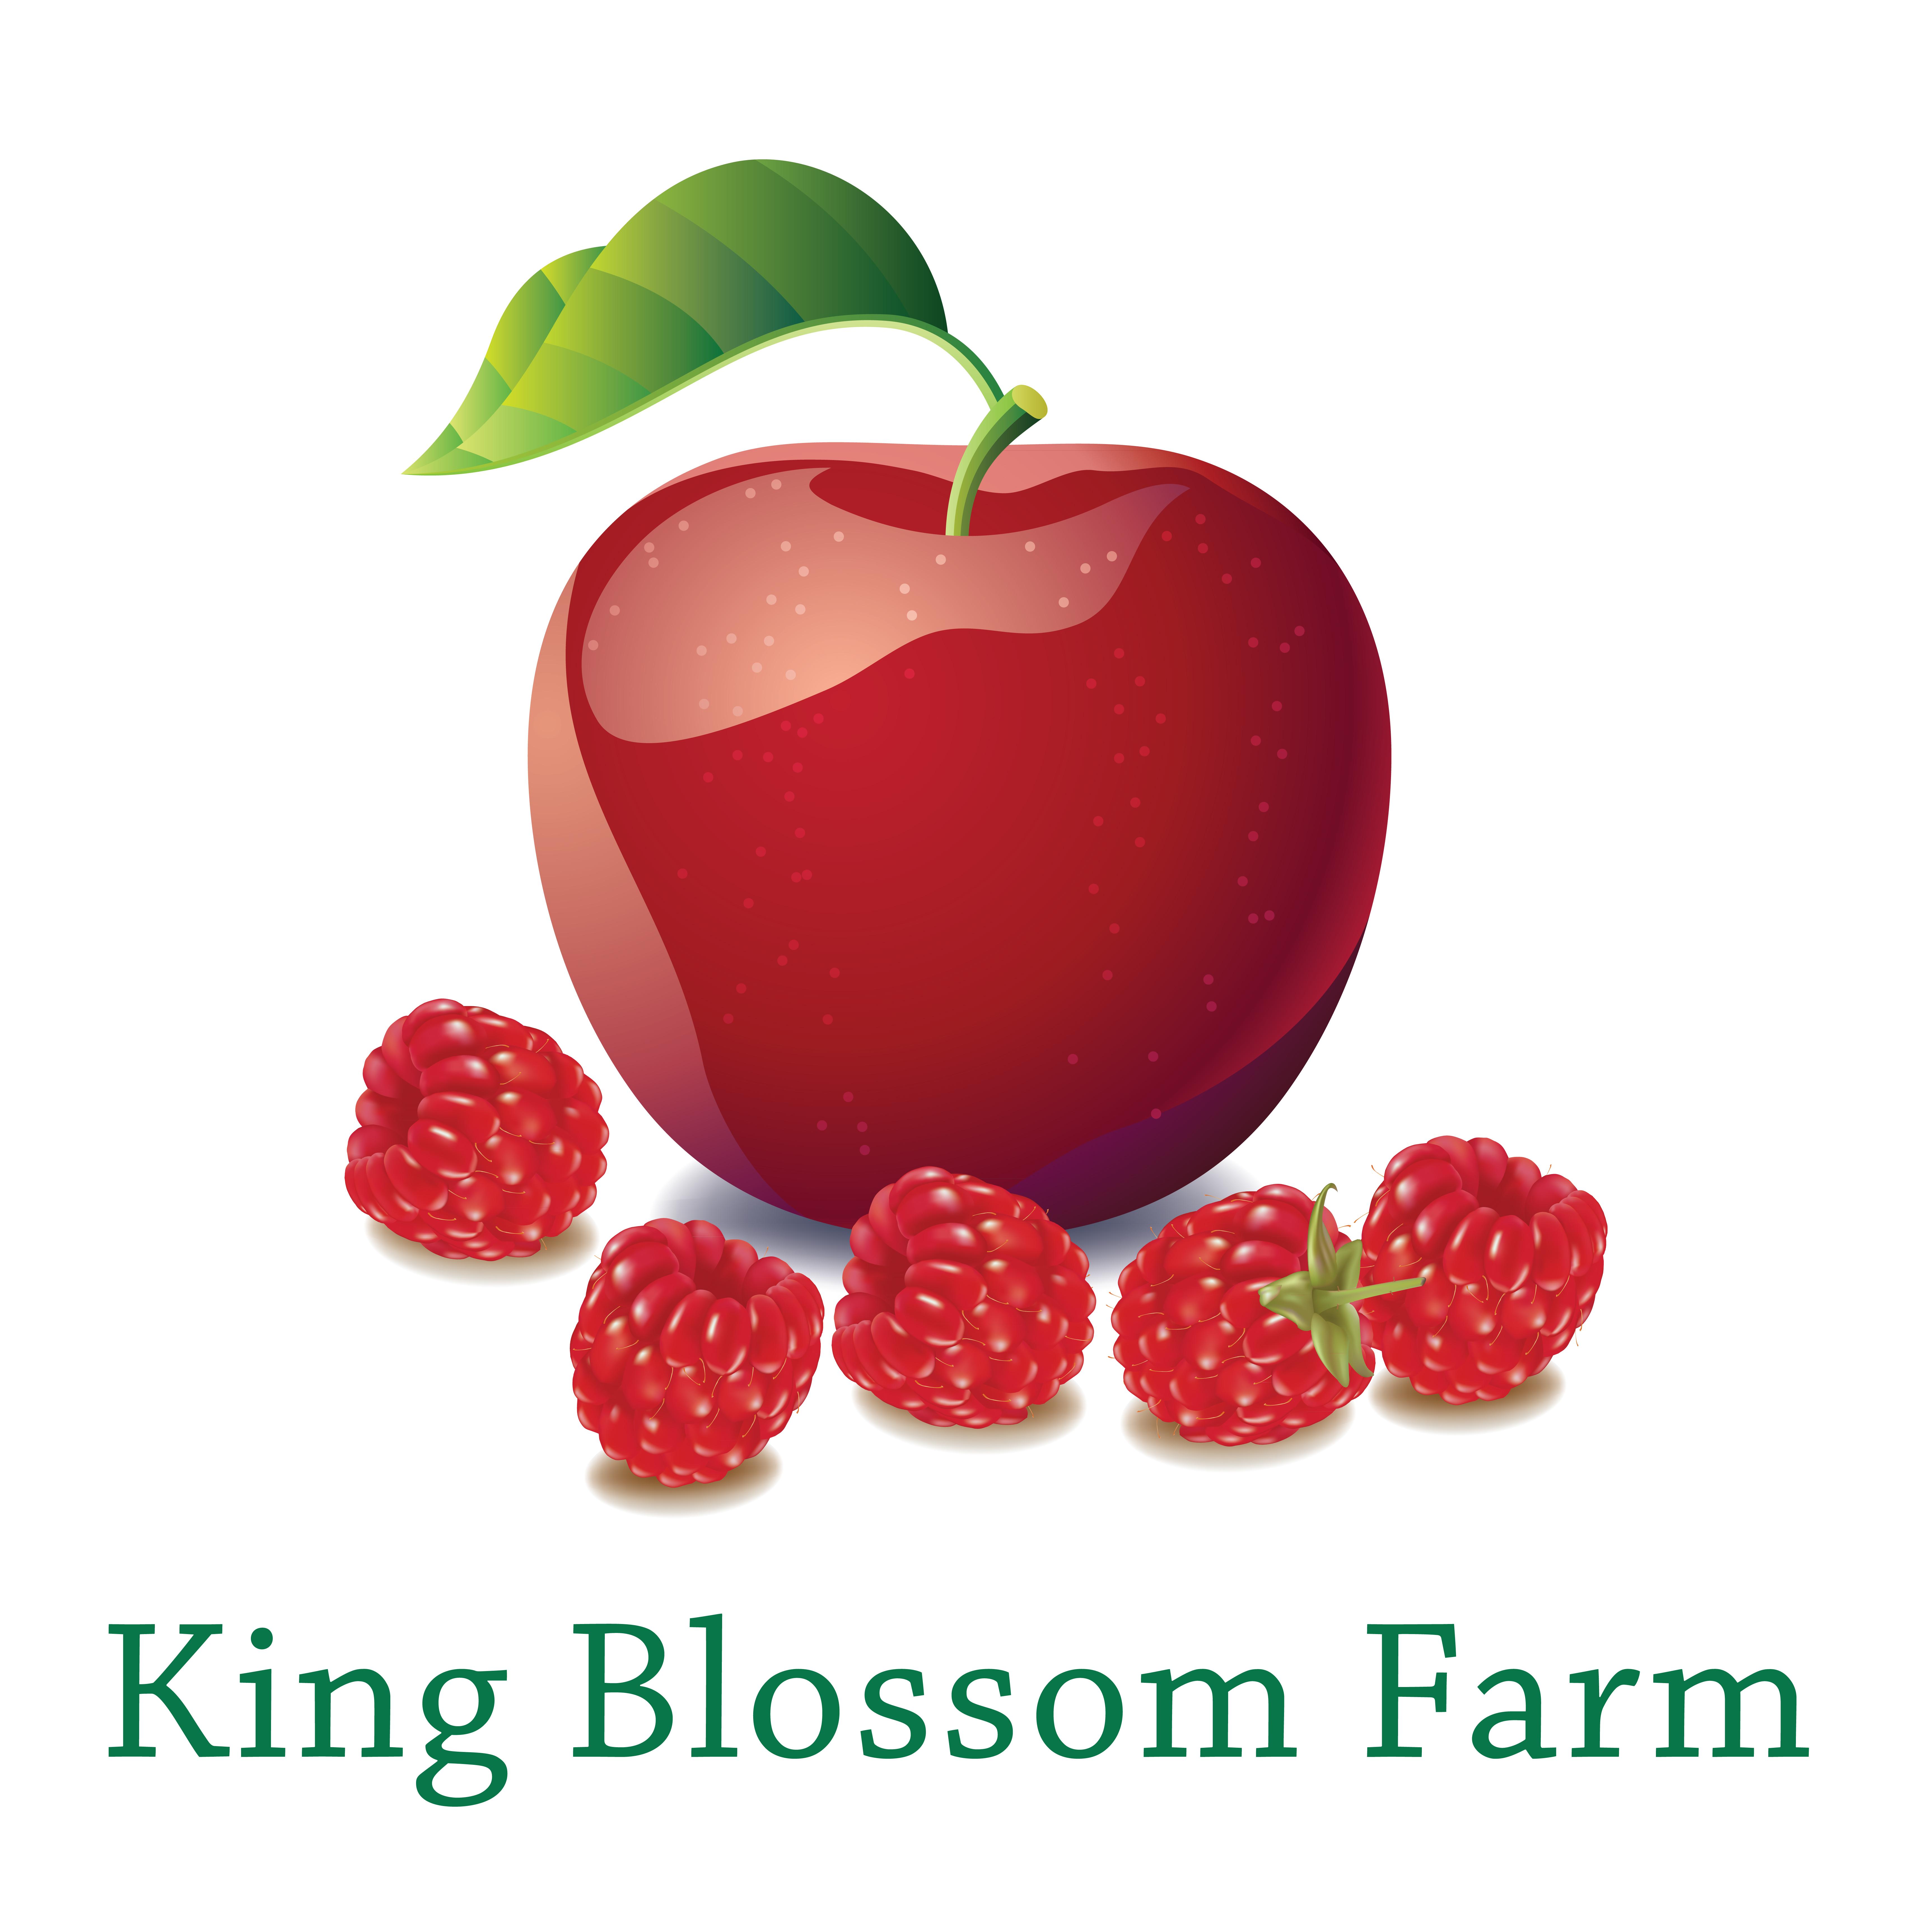 King Blossom Farm